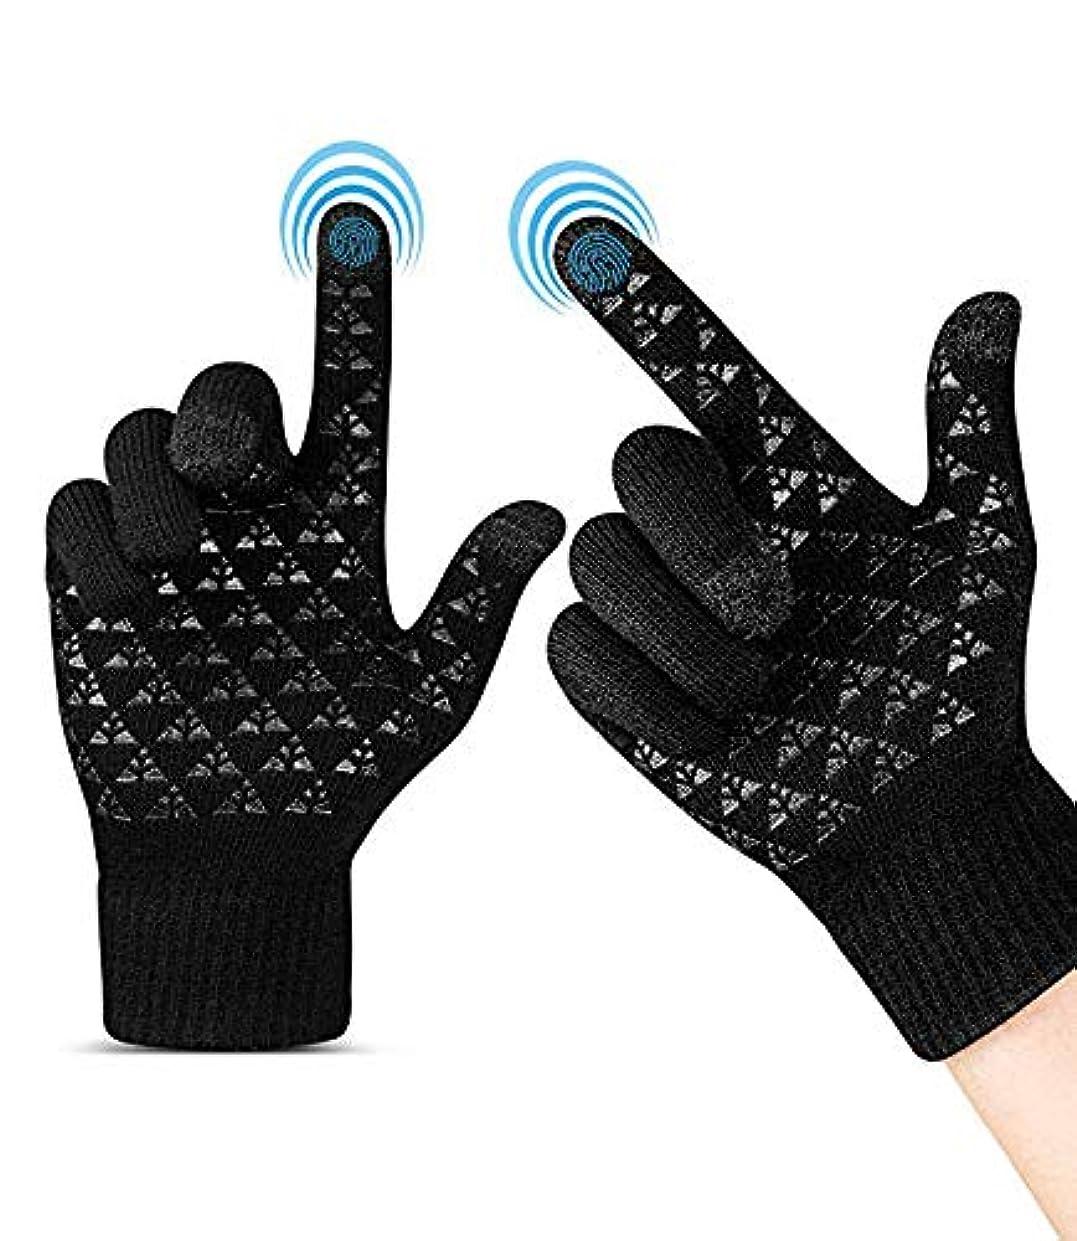 おびえた教師の日せっかち冬はニット滑り止めウール手袋裏地男性と女性のタッチスクリーンフリースのために、タッチスクリーン手袋を温めます